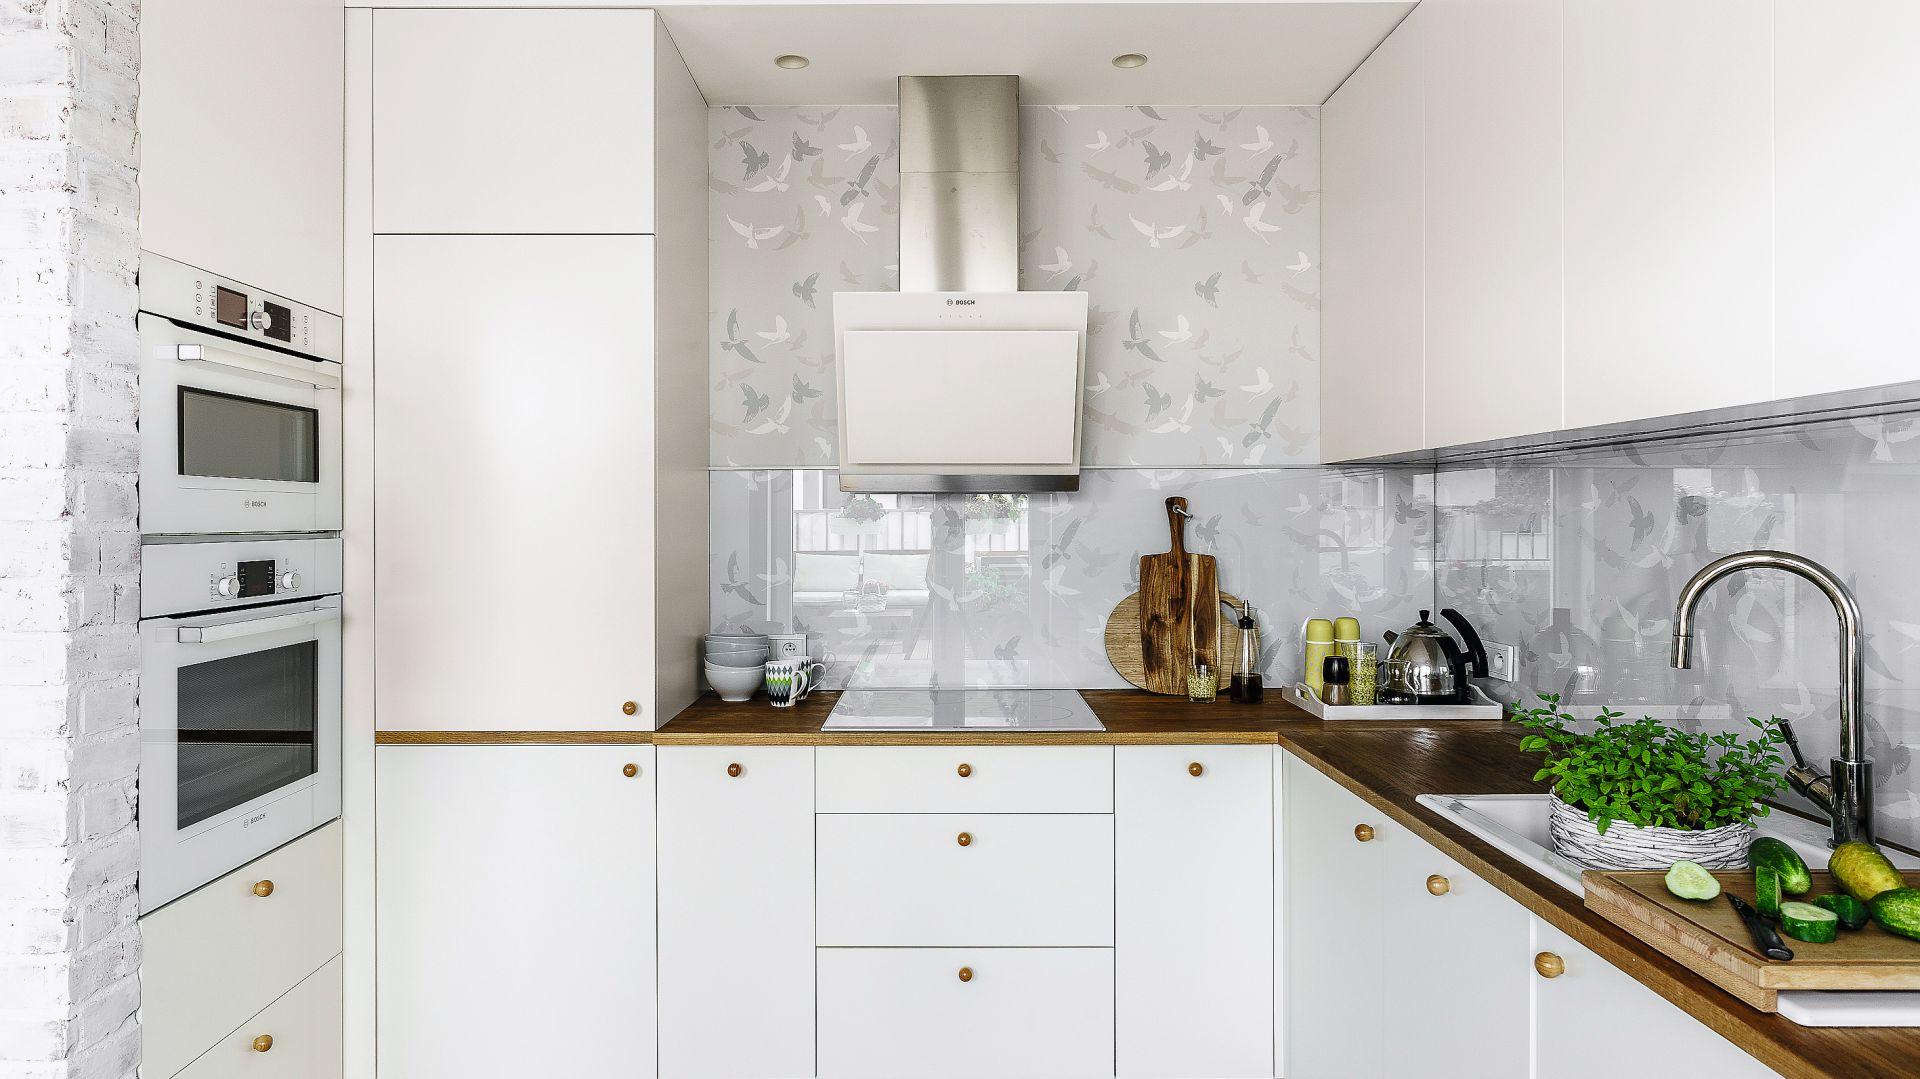 Biała kuchnia. Piękne wnętrza z polskich domów. Projekt: Joanna Morkowska-Saj. Fot. Foto&Mohito